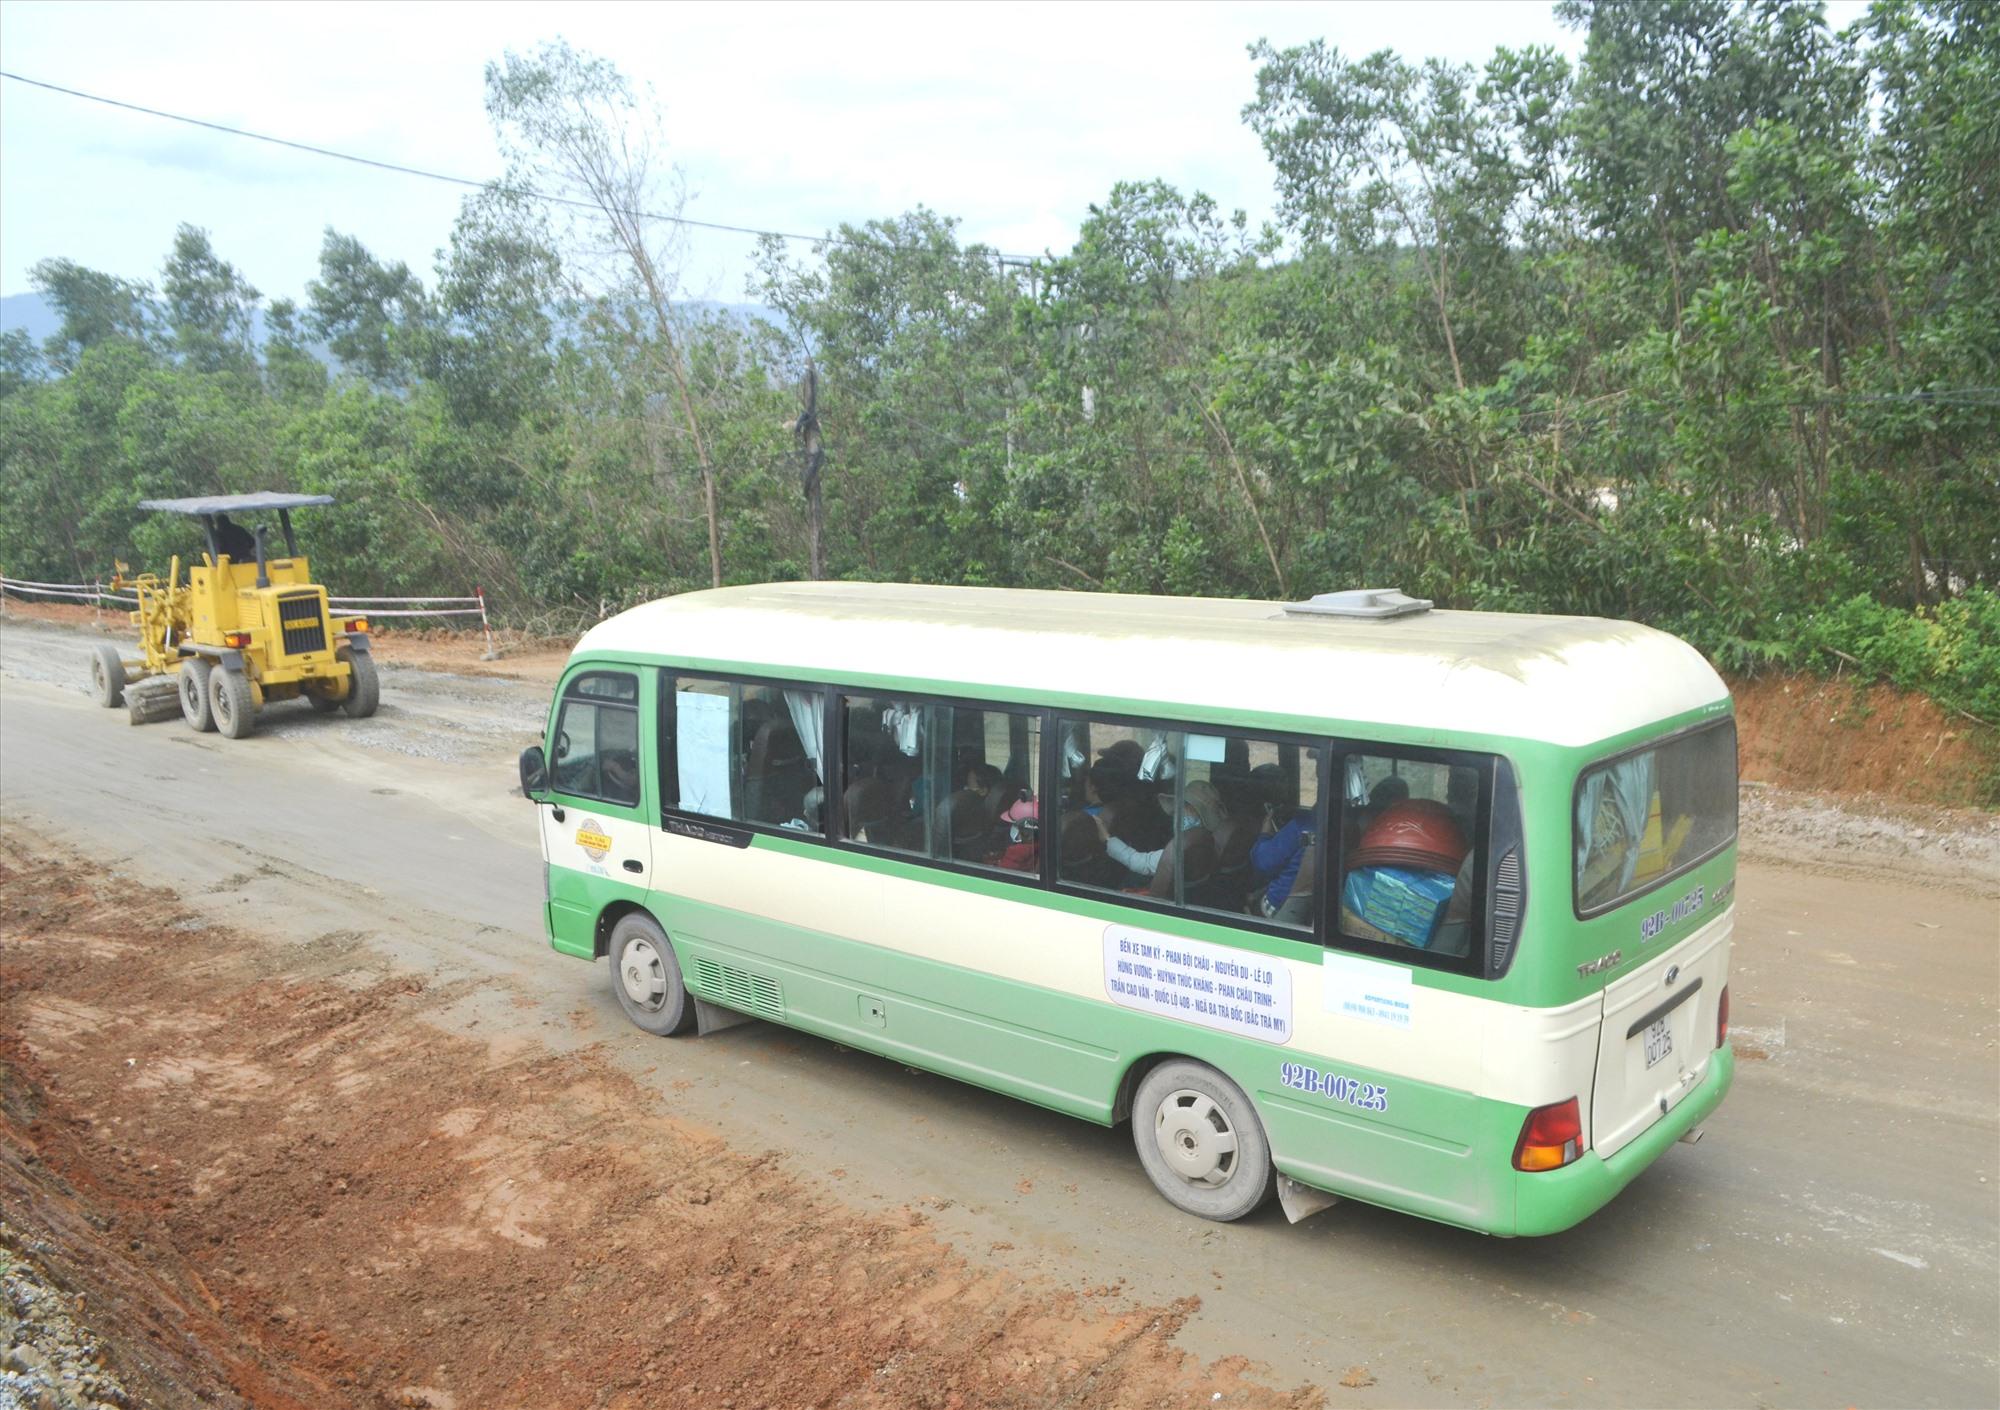 Xe buýt Tam Kỳ-Bắc Trà My góp phần giảm thiểu phương tiện cá nhân lưu thông trên đường. Ảnh: T.C.T